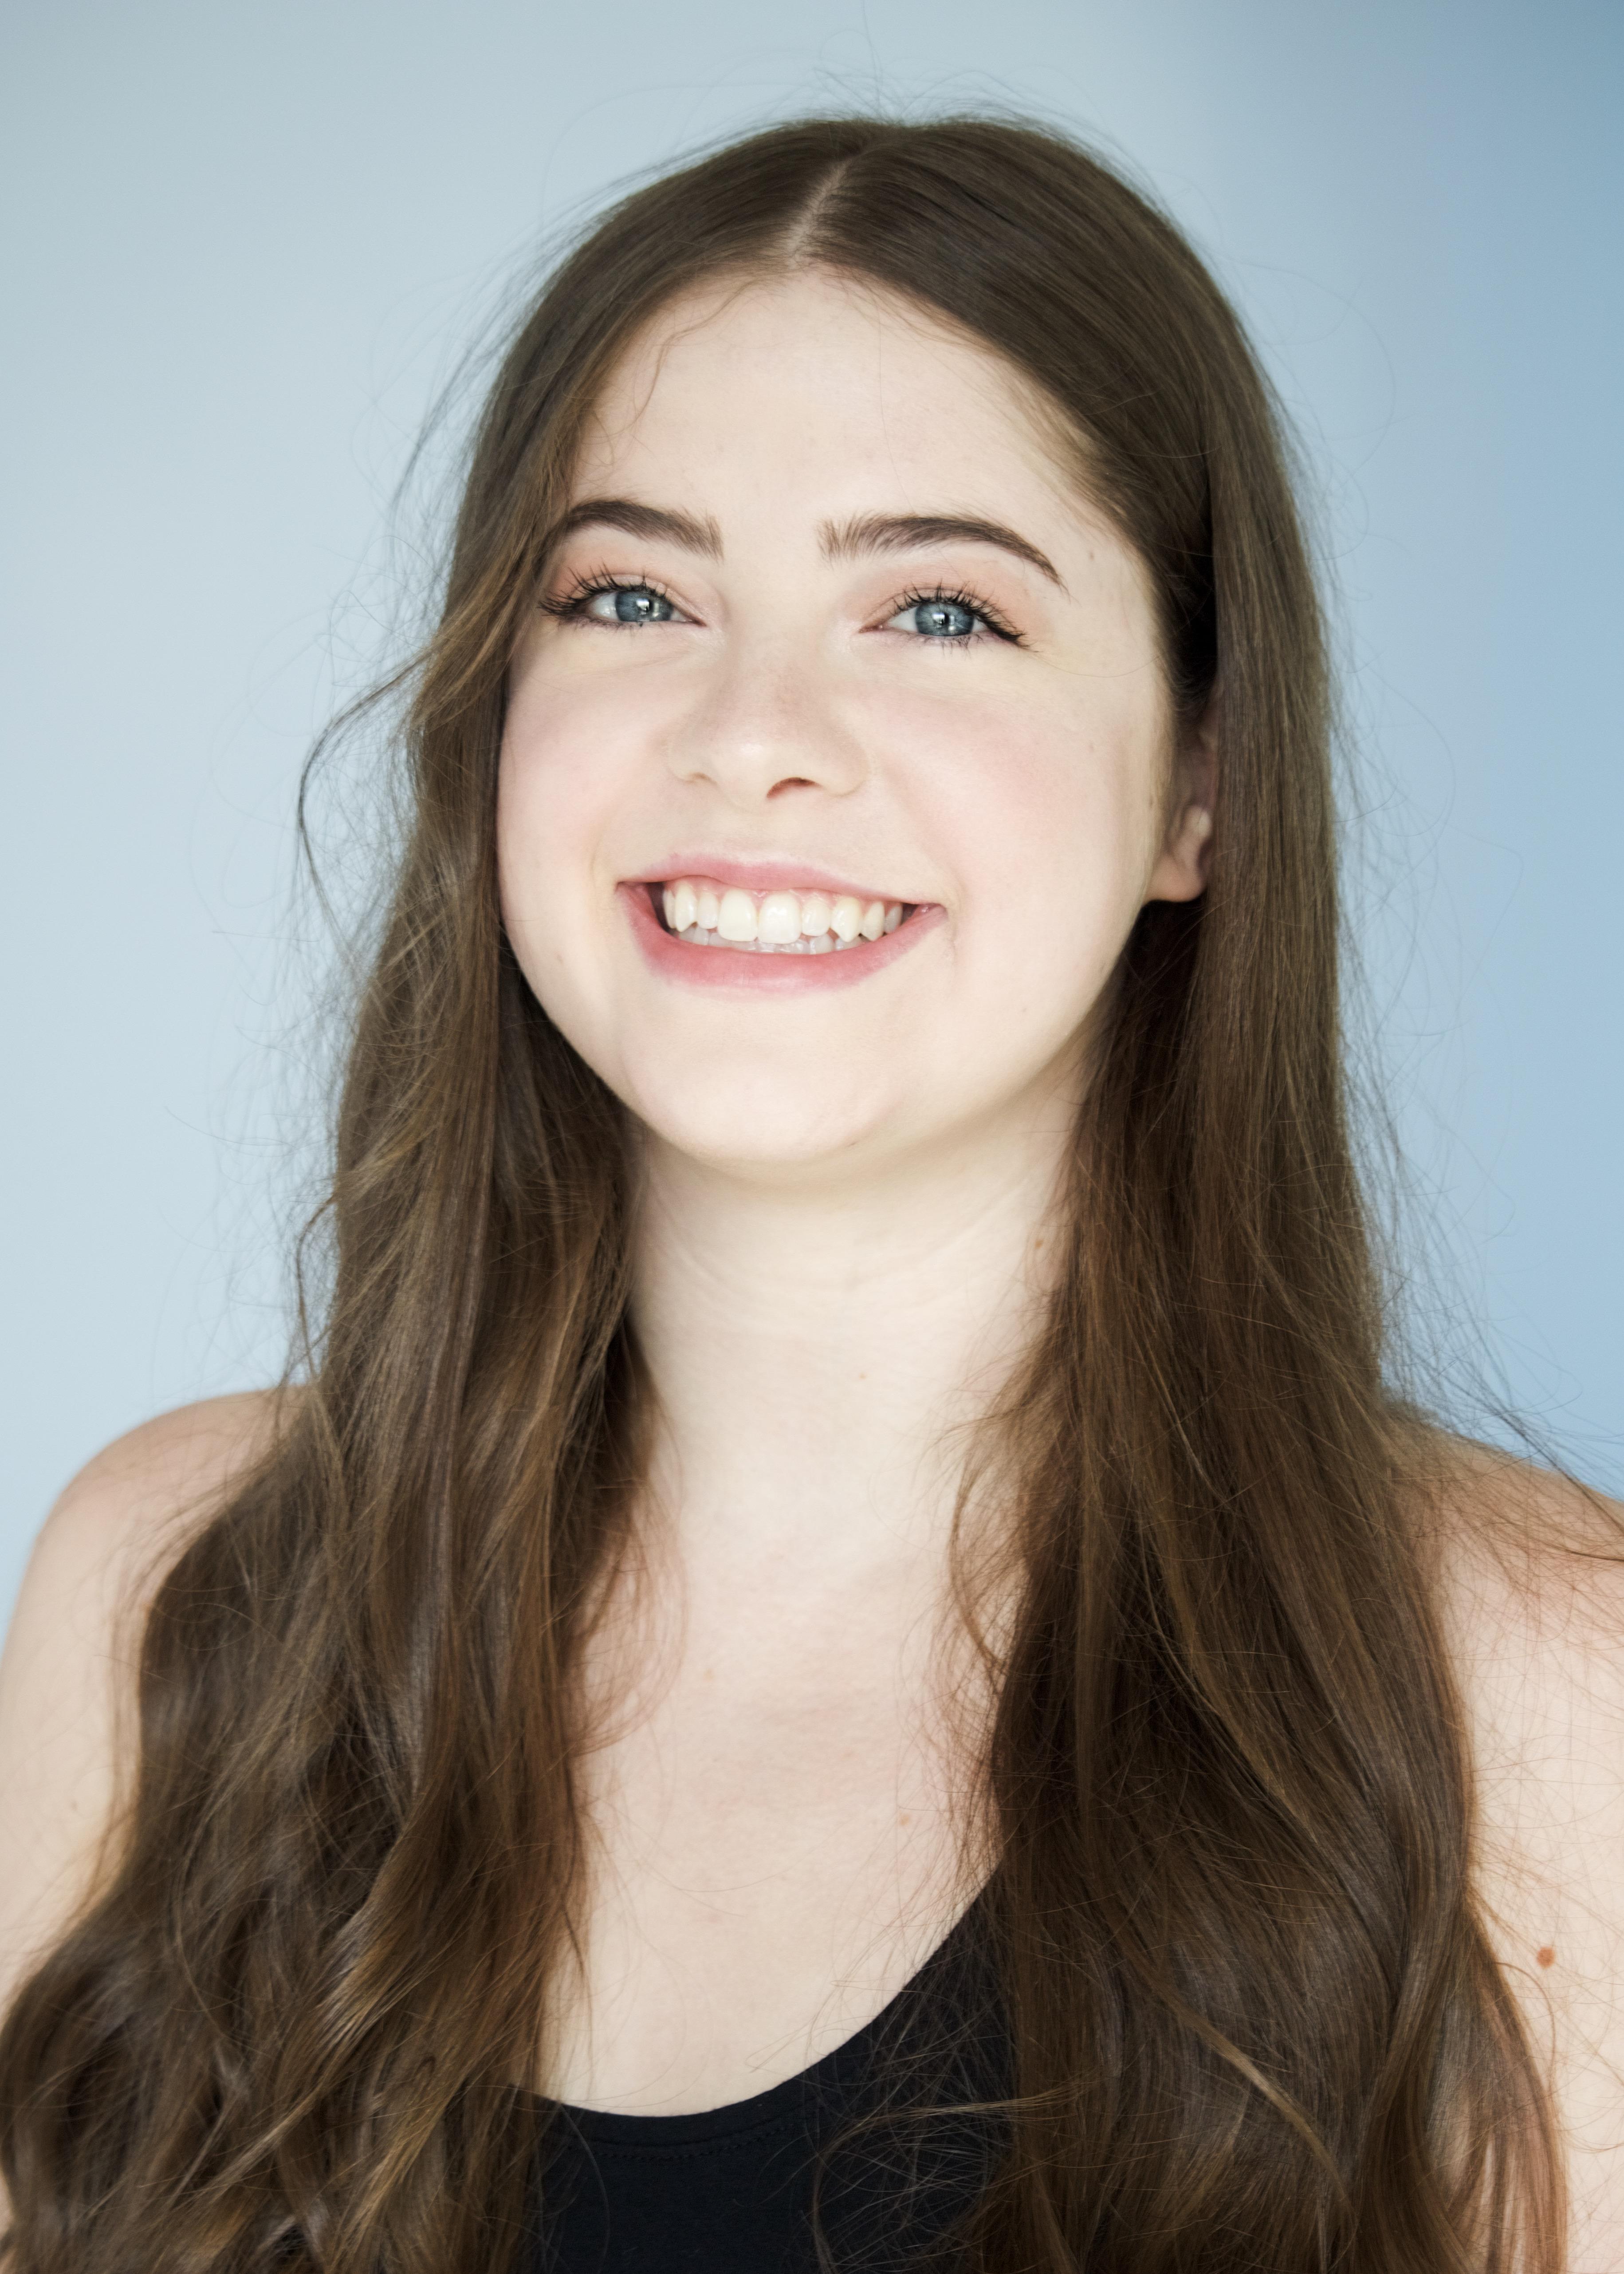 Brooke Steinhauer